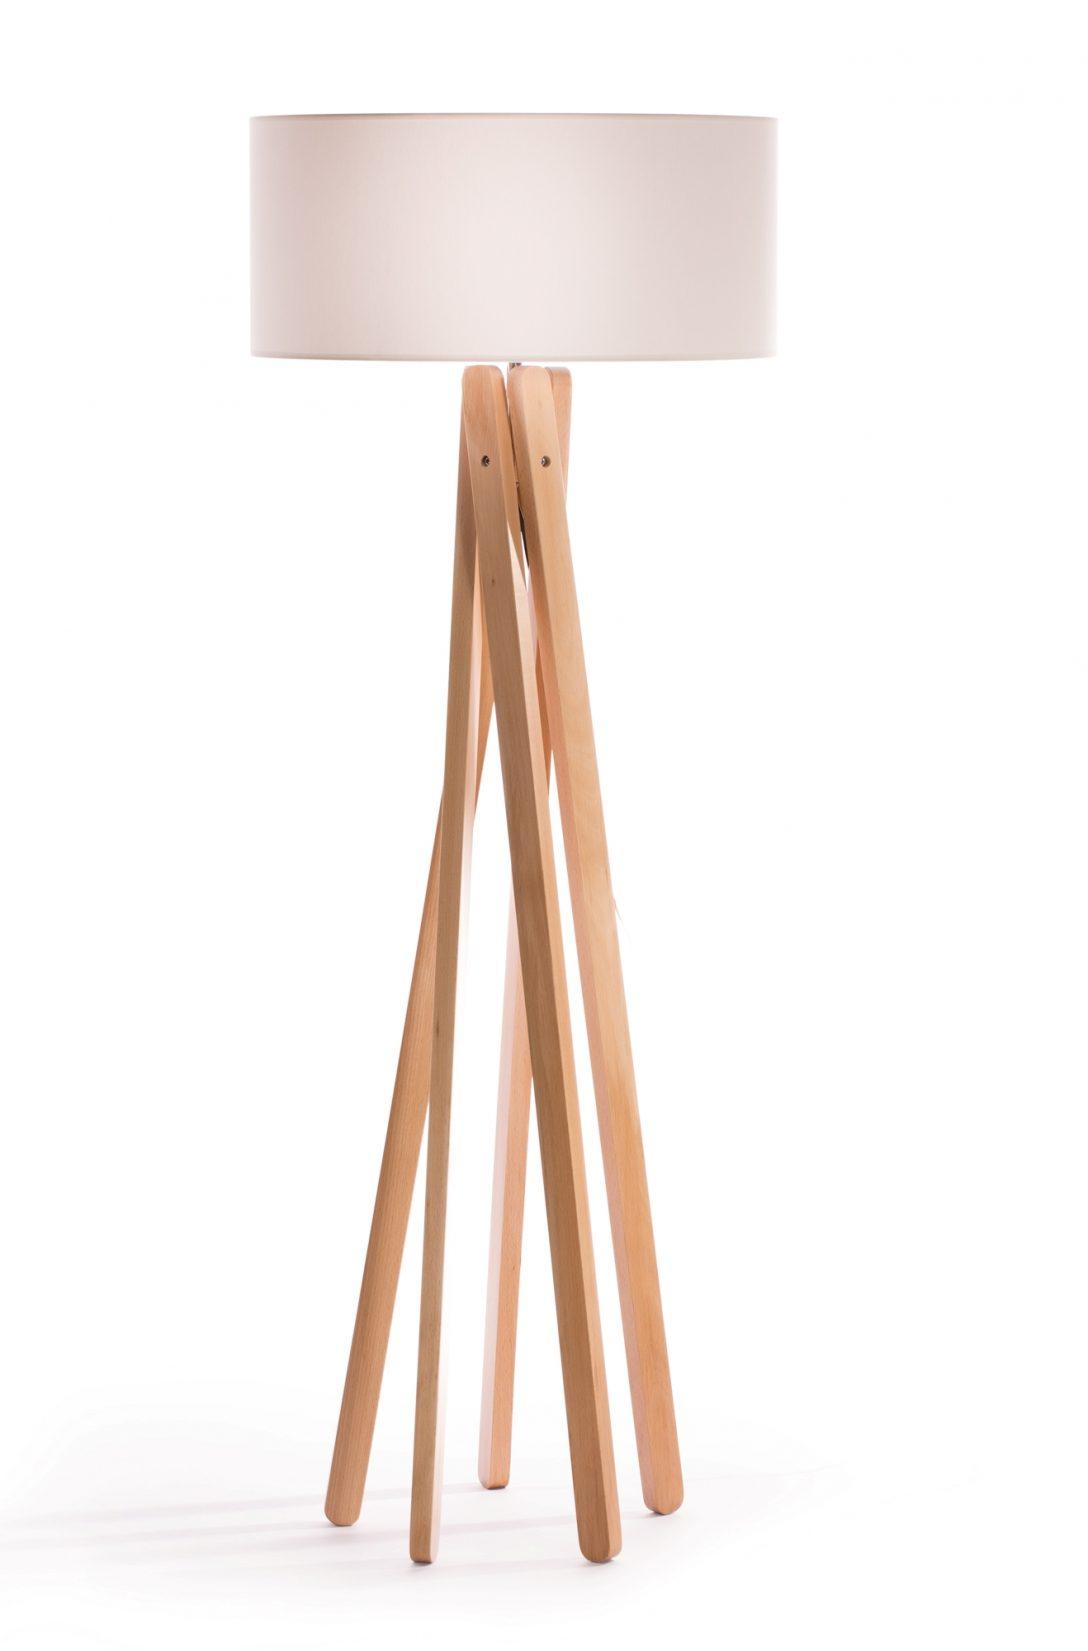 Large Size of Stehlampen Wohnzimmer Stehlampe Dimmbar Led Geeignet Lampen Deckenlampe Deckenlampen Modern Deckenleuchte Schrank Tapeten Ideen Wandbild Teppiche Anbauwand Wohnzimmer Stehlampen Wohnzimmer